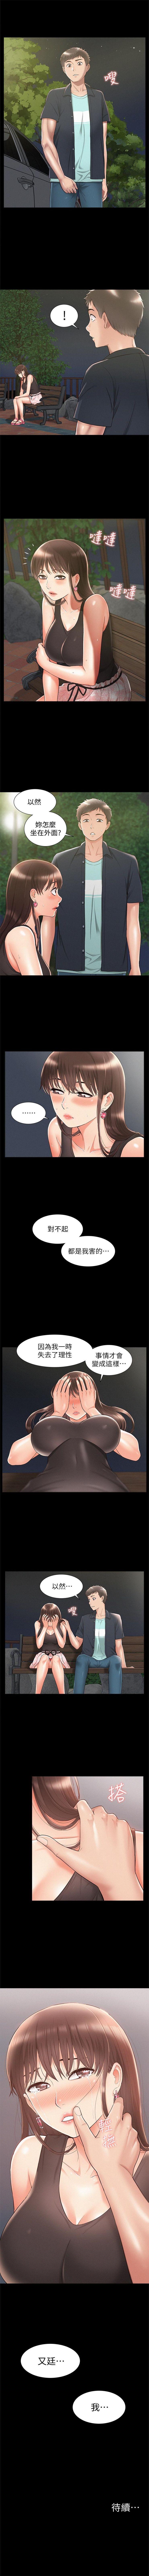 (週4)難言之隱 1-24 中文翻譯(更新中) 110